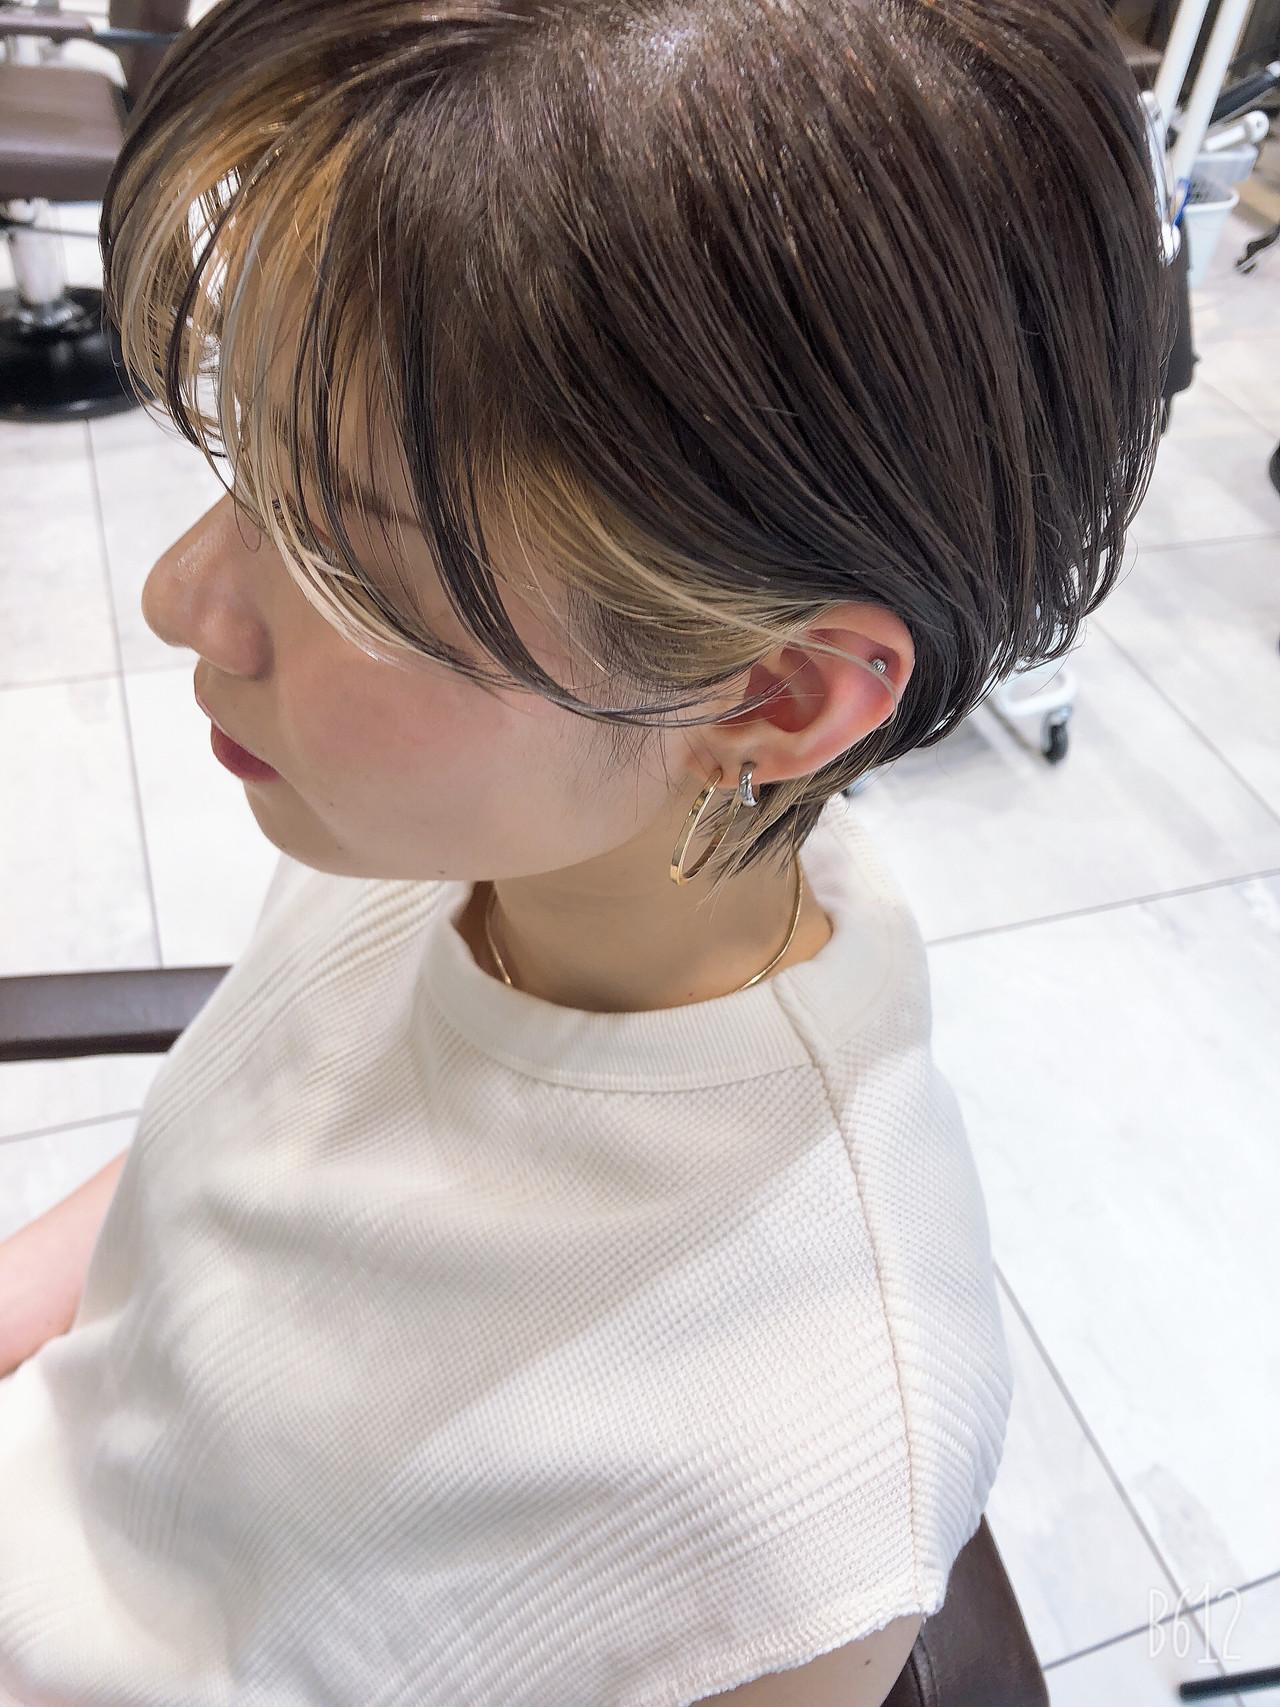 ショート ハイライト アンニュイほつれヘア ナチュラル ヘアスタイルや髪型の写真・画像